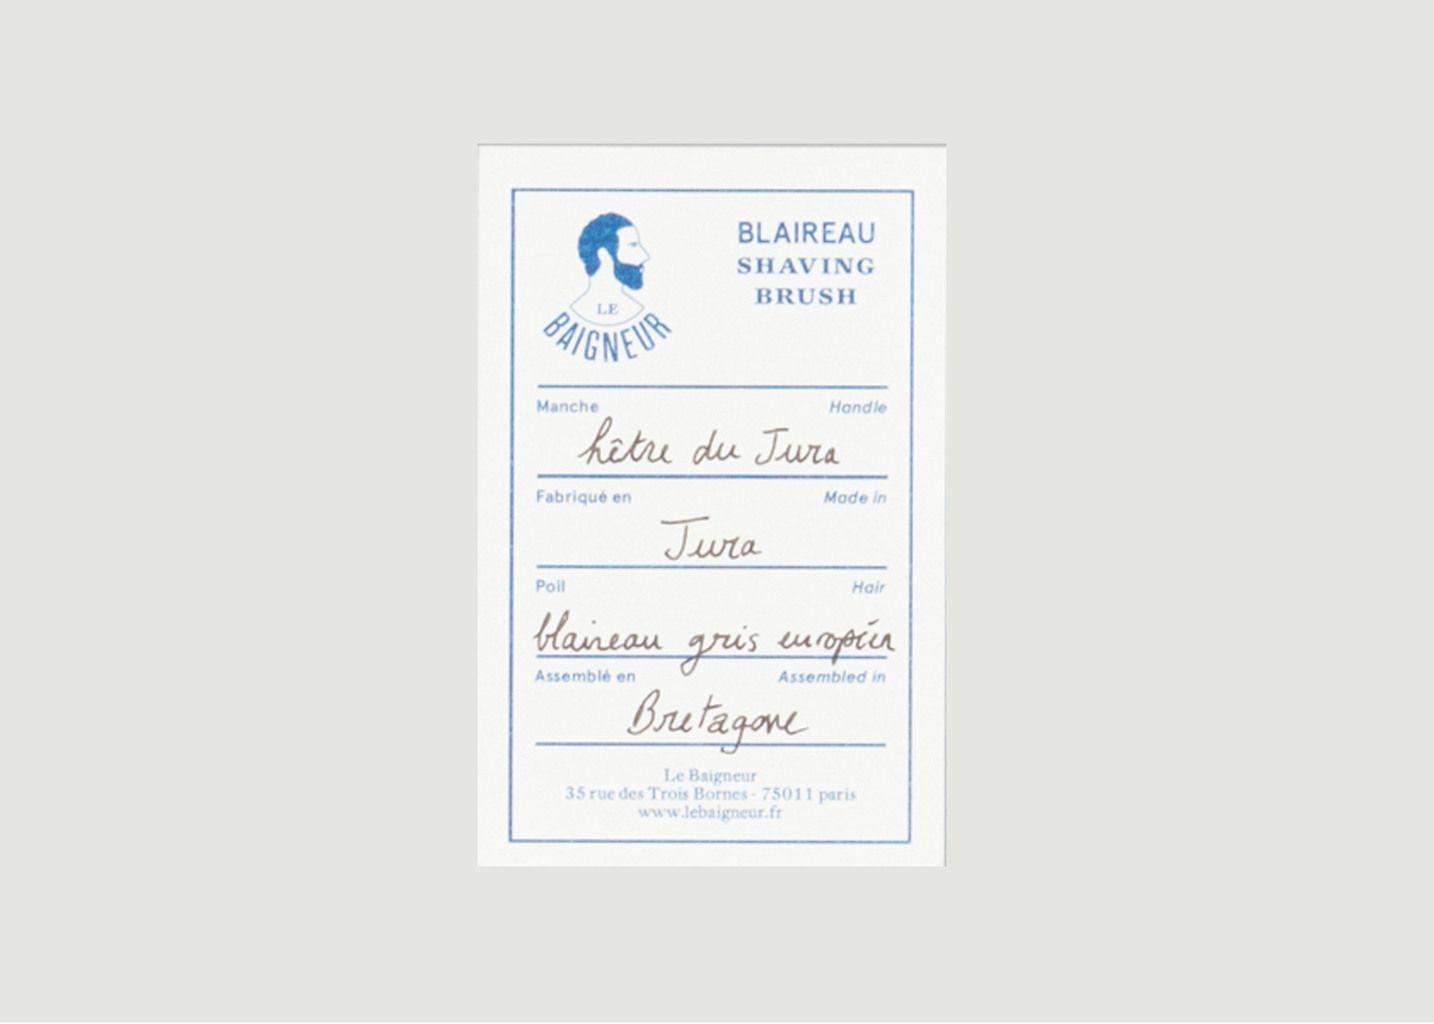 Blaireau Gris Européen - Le Baigneur